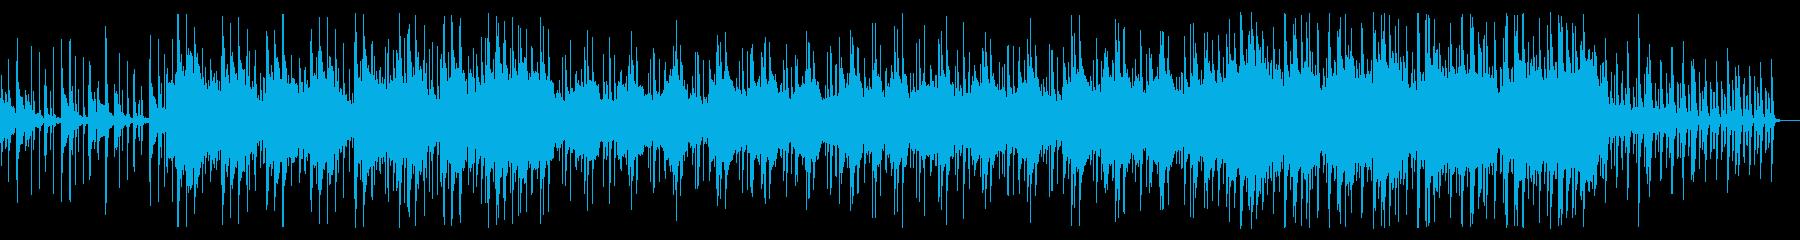 ゆったりしたインディアン風の民族音楽の再生済みの波形